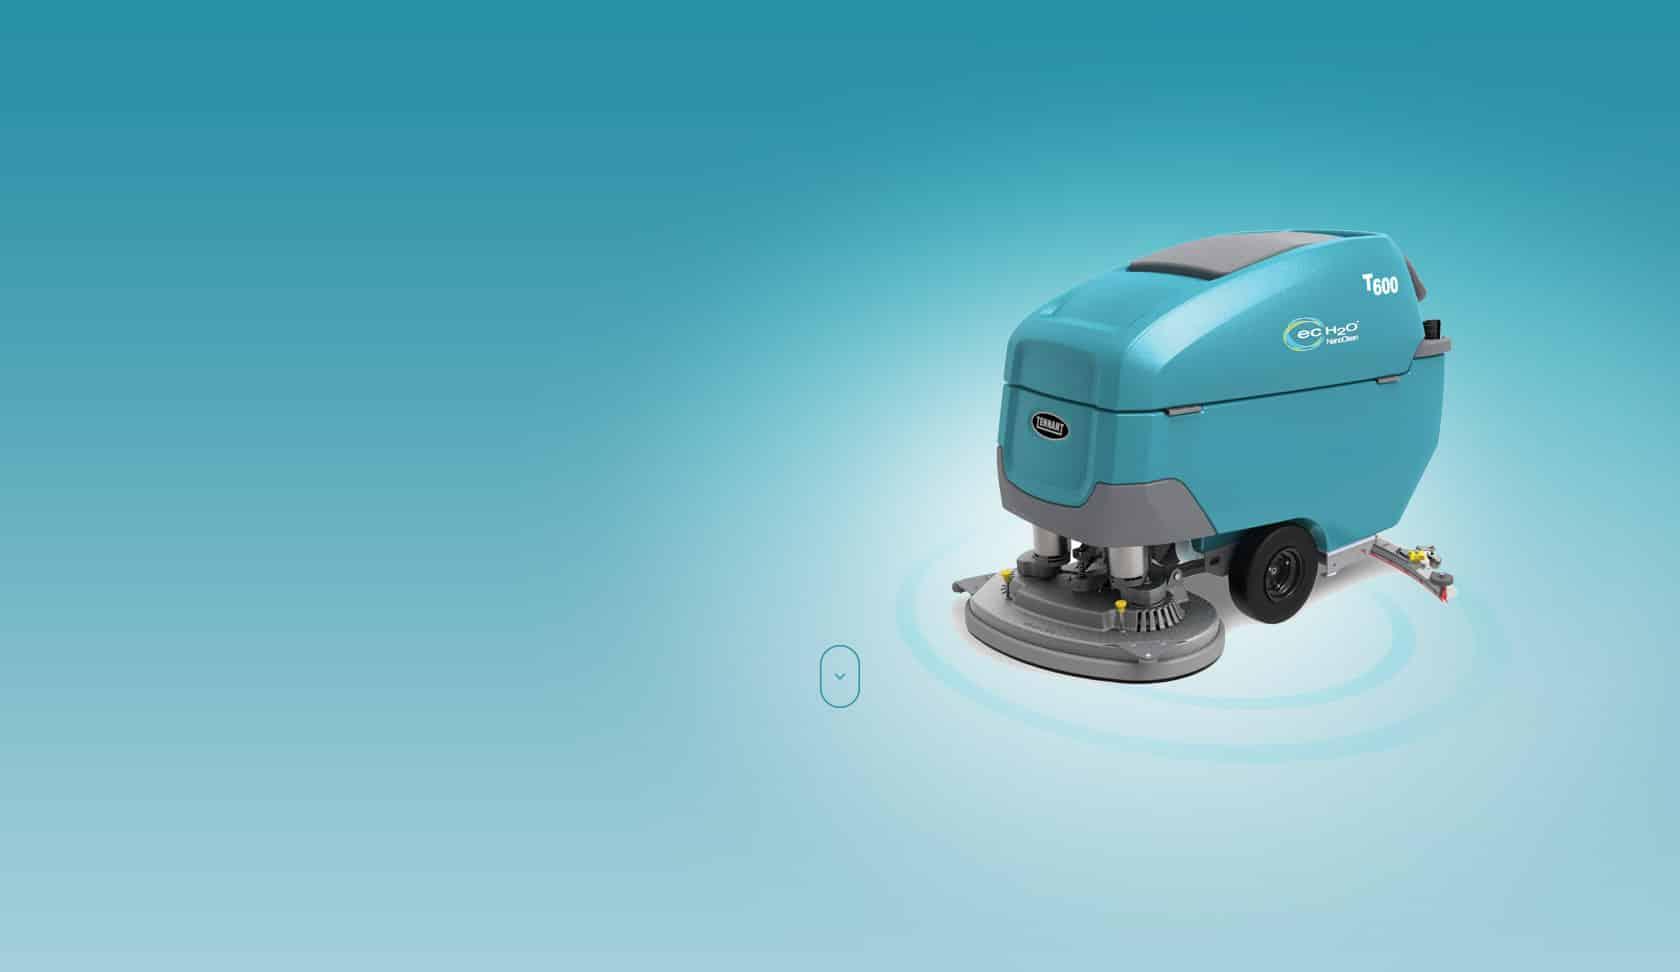 SPMAT-Slide-T600-1